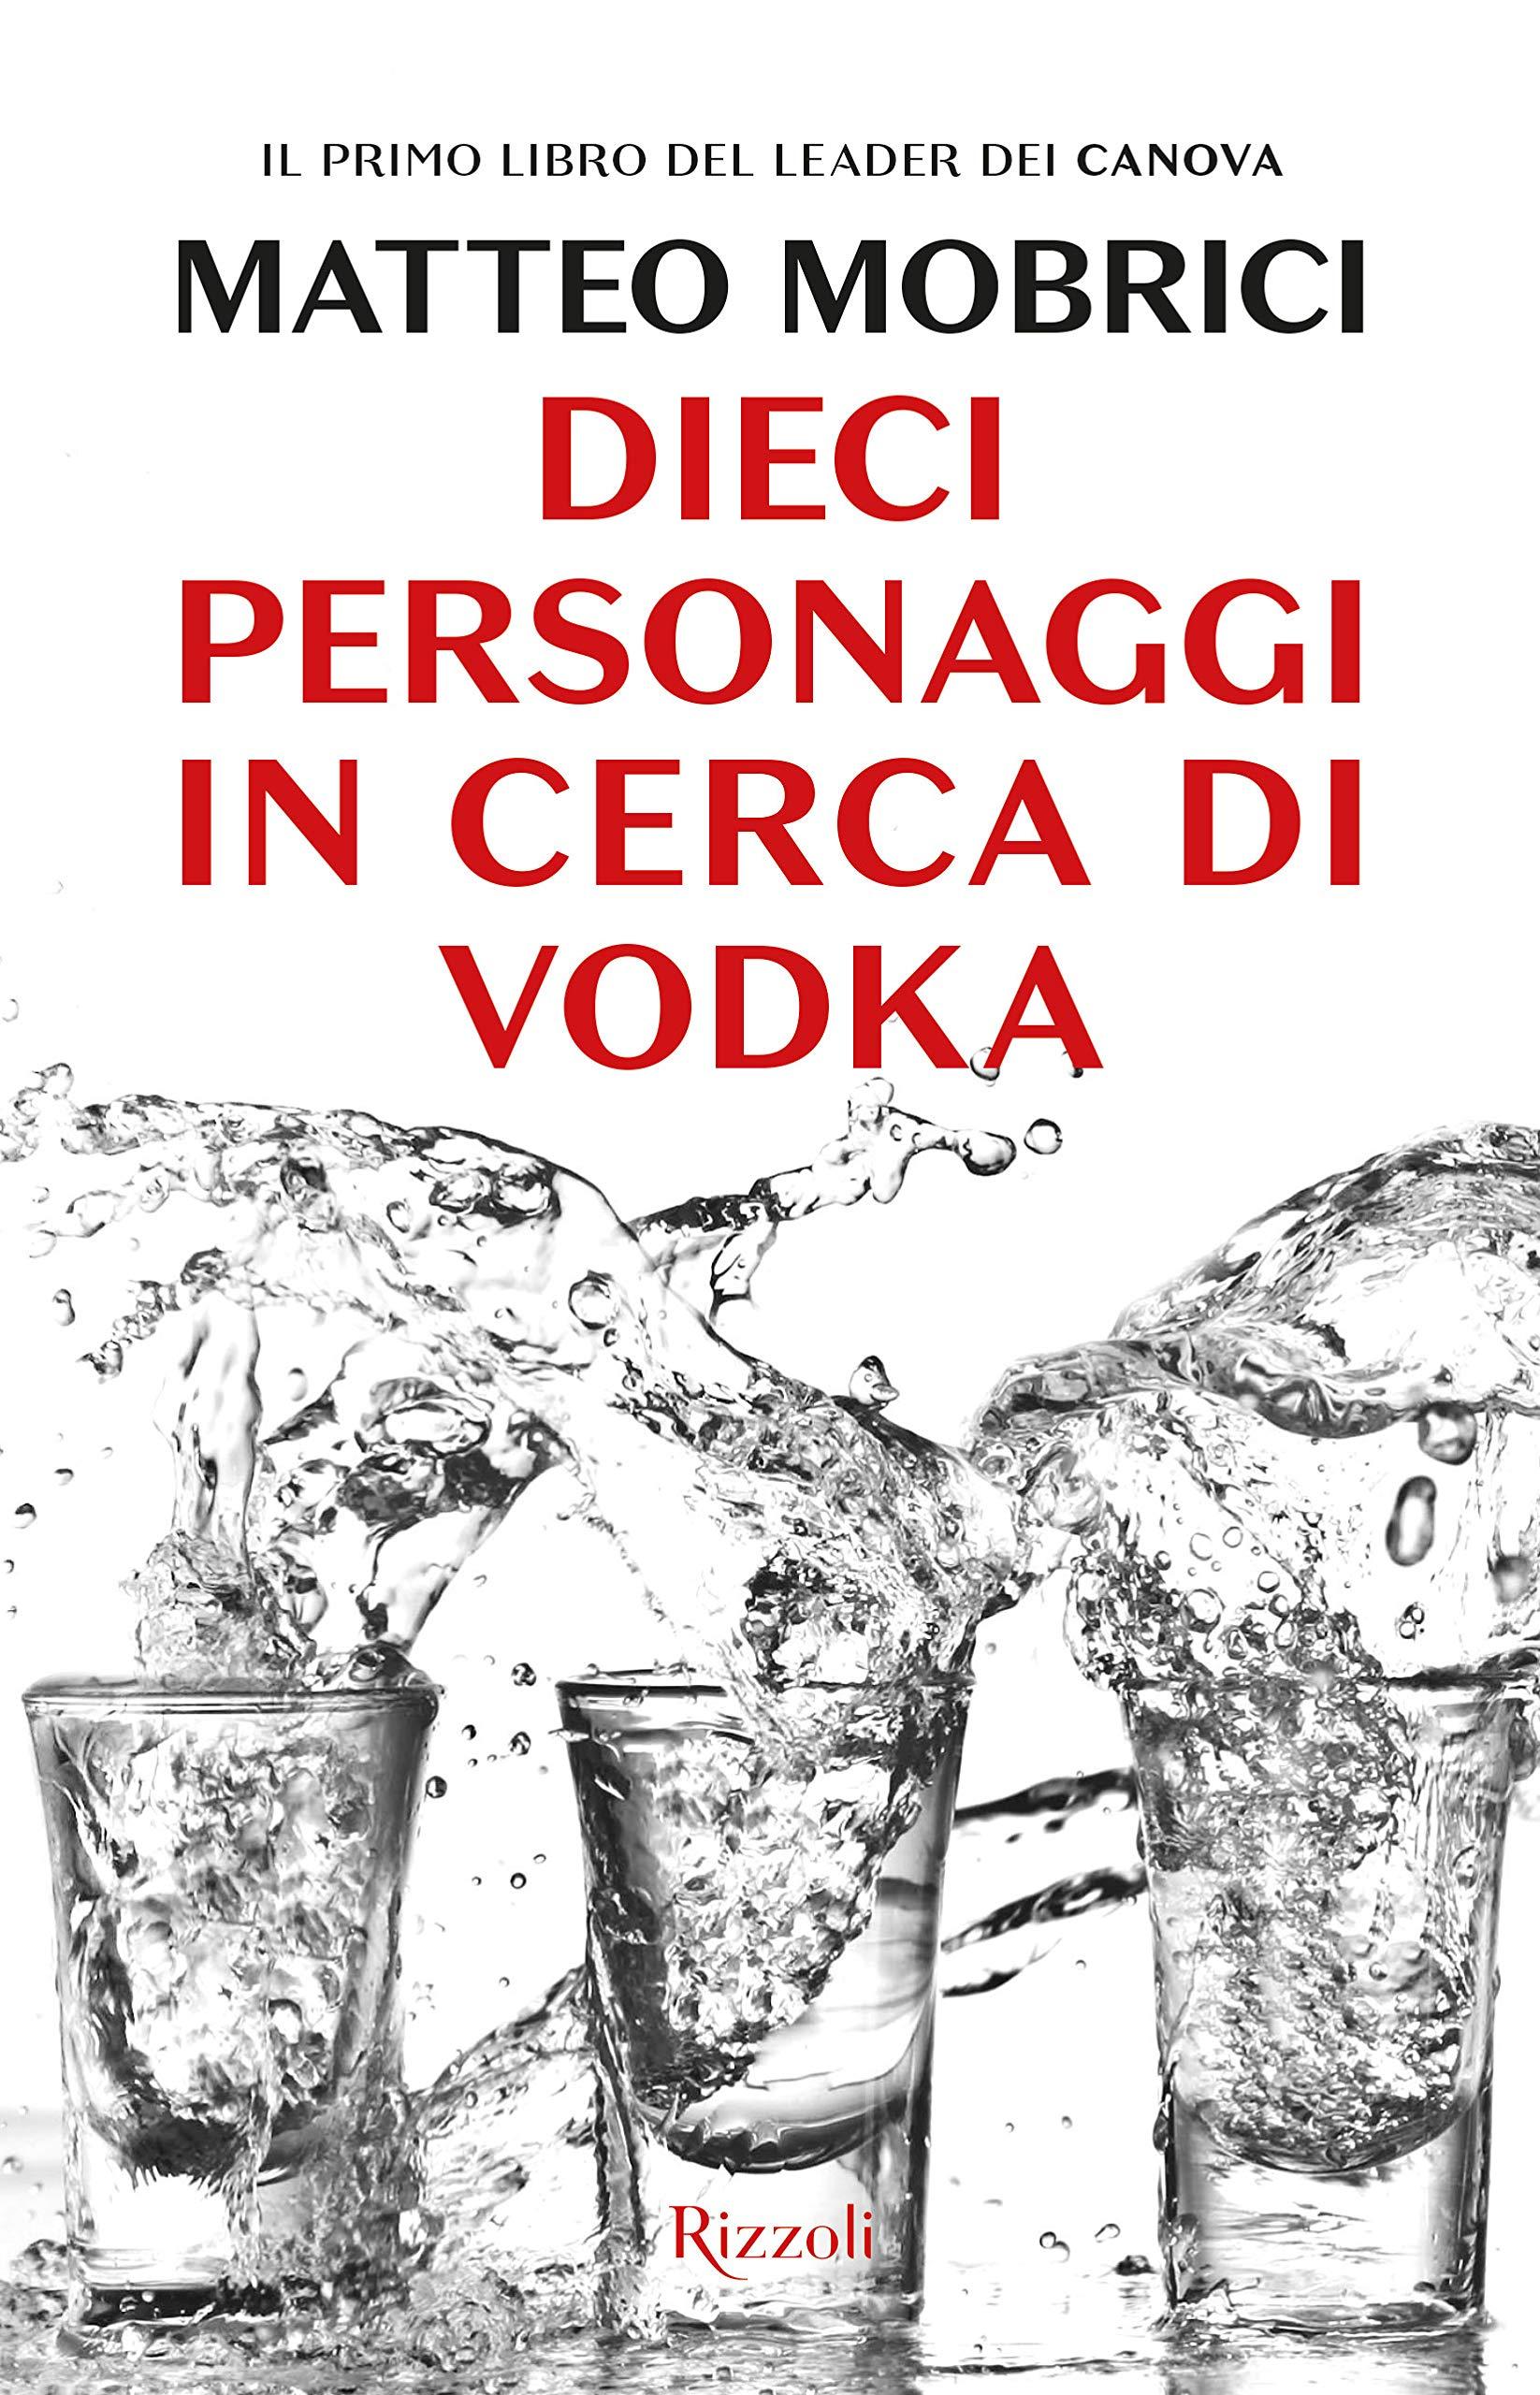 Dieci personaggi in cerca di vodka Copertina flessibile – 23 ott 2018 Matteo Mobrici Rizzoli 8817101885 LETTERATURA ITALIANA: TESTI